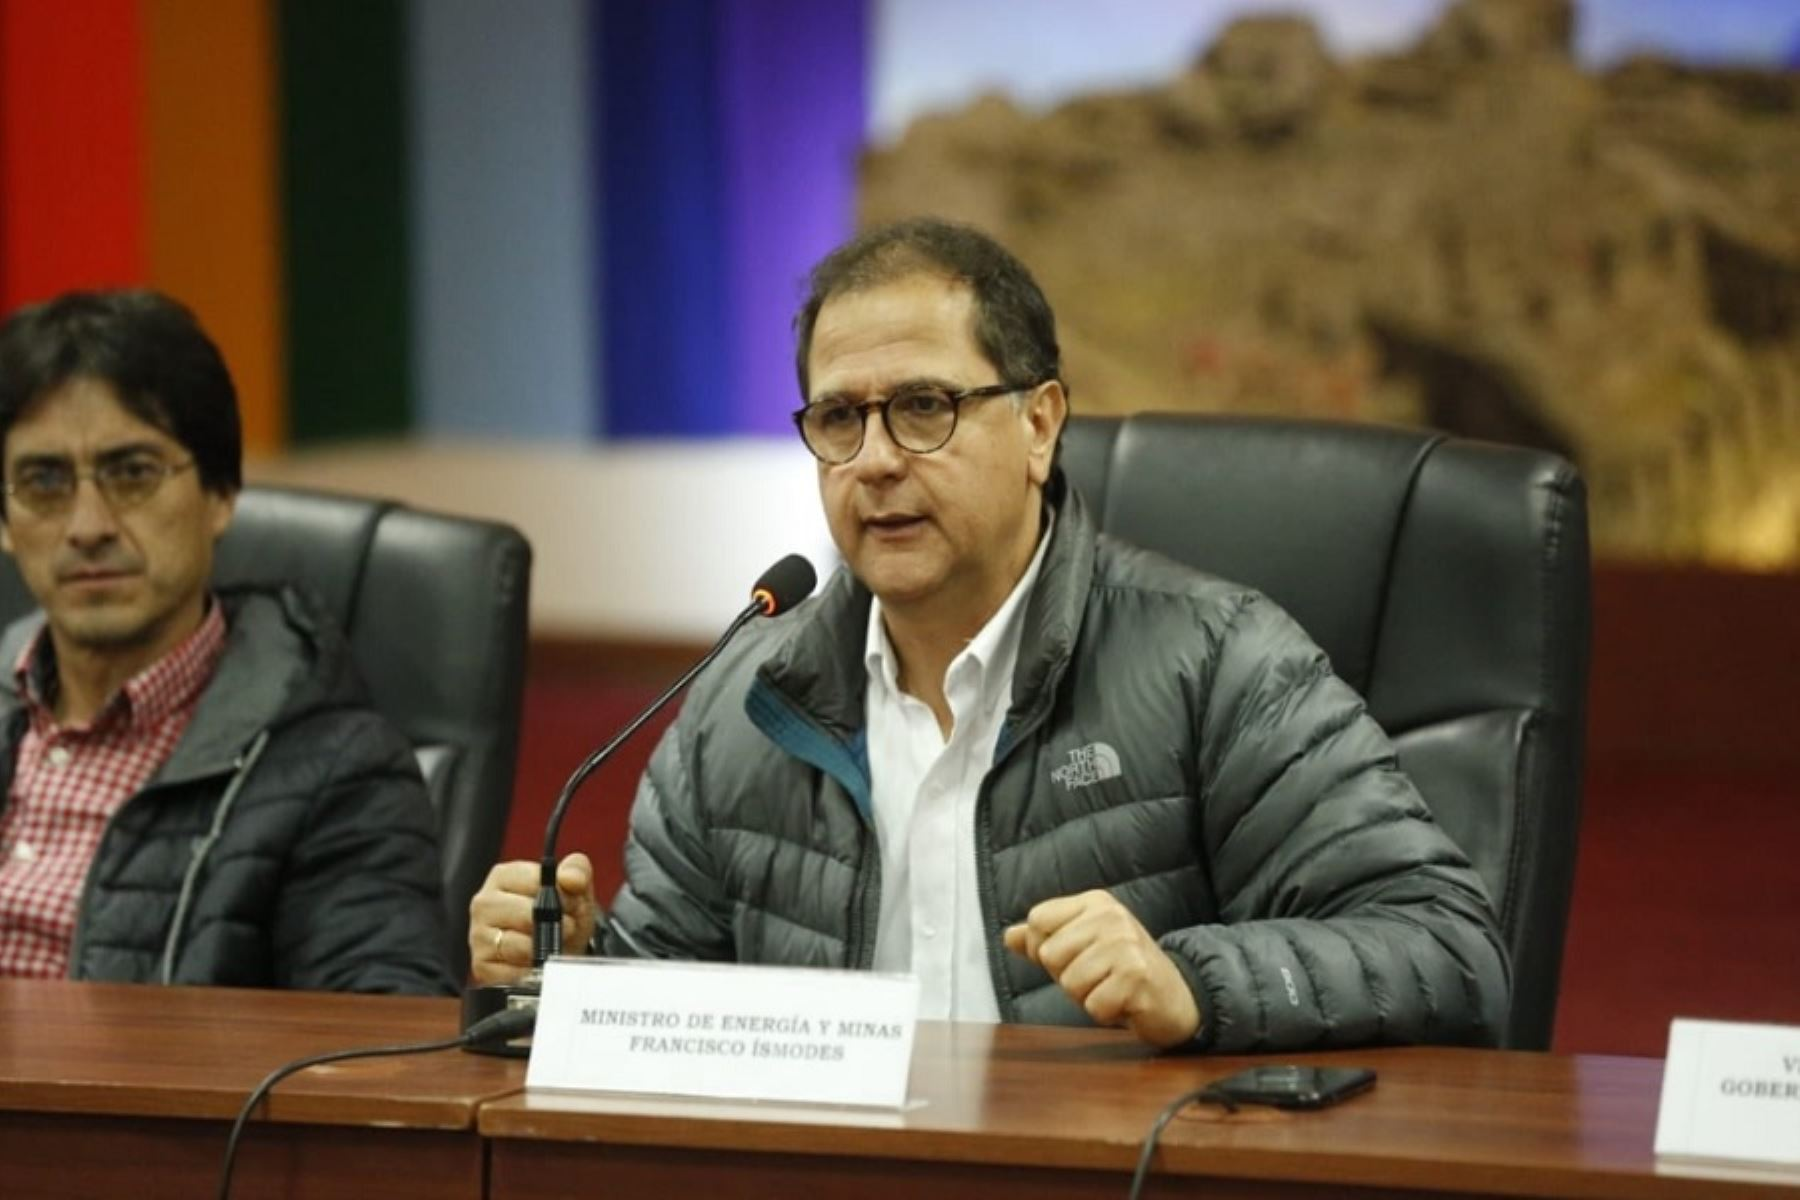 Ministro de Energía y Minas, Francisco Ísmodes.